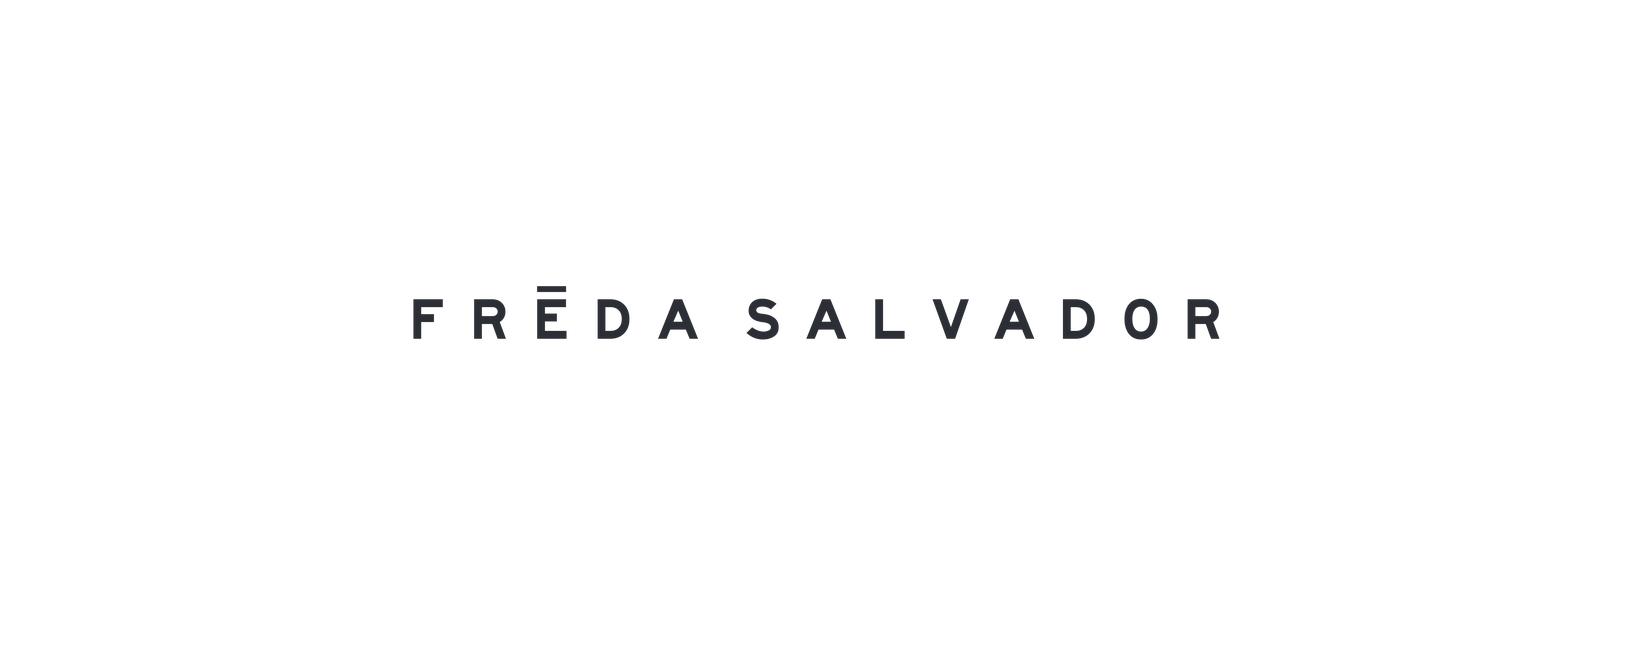 Frēda Salvador Coupon Code 2021